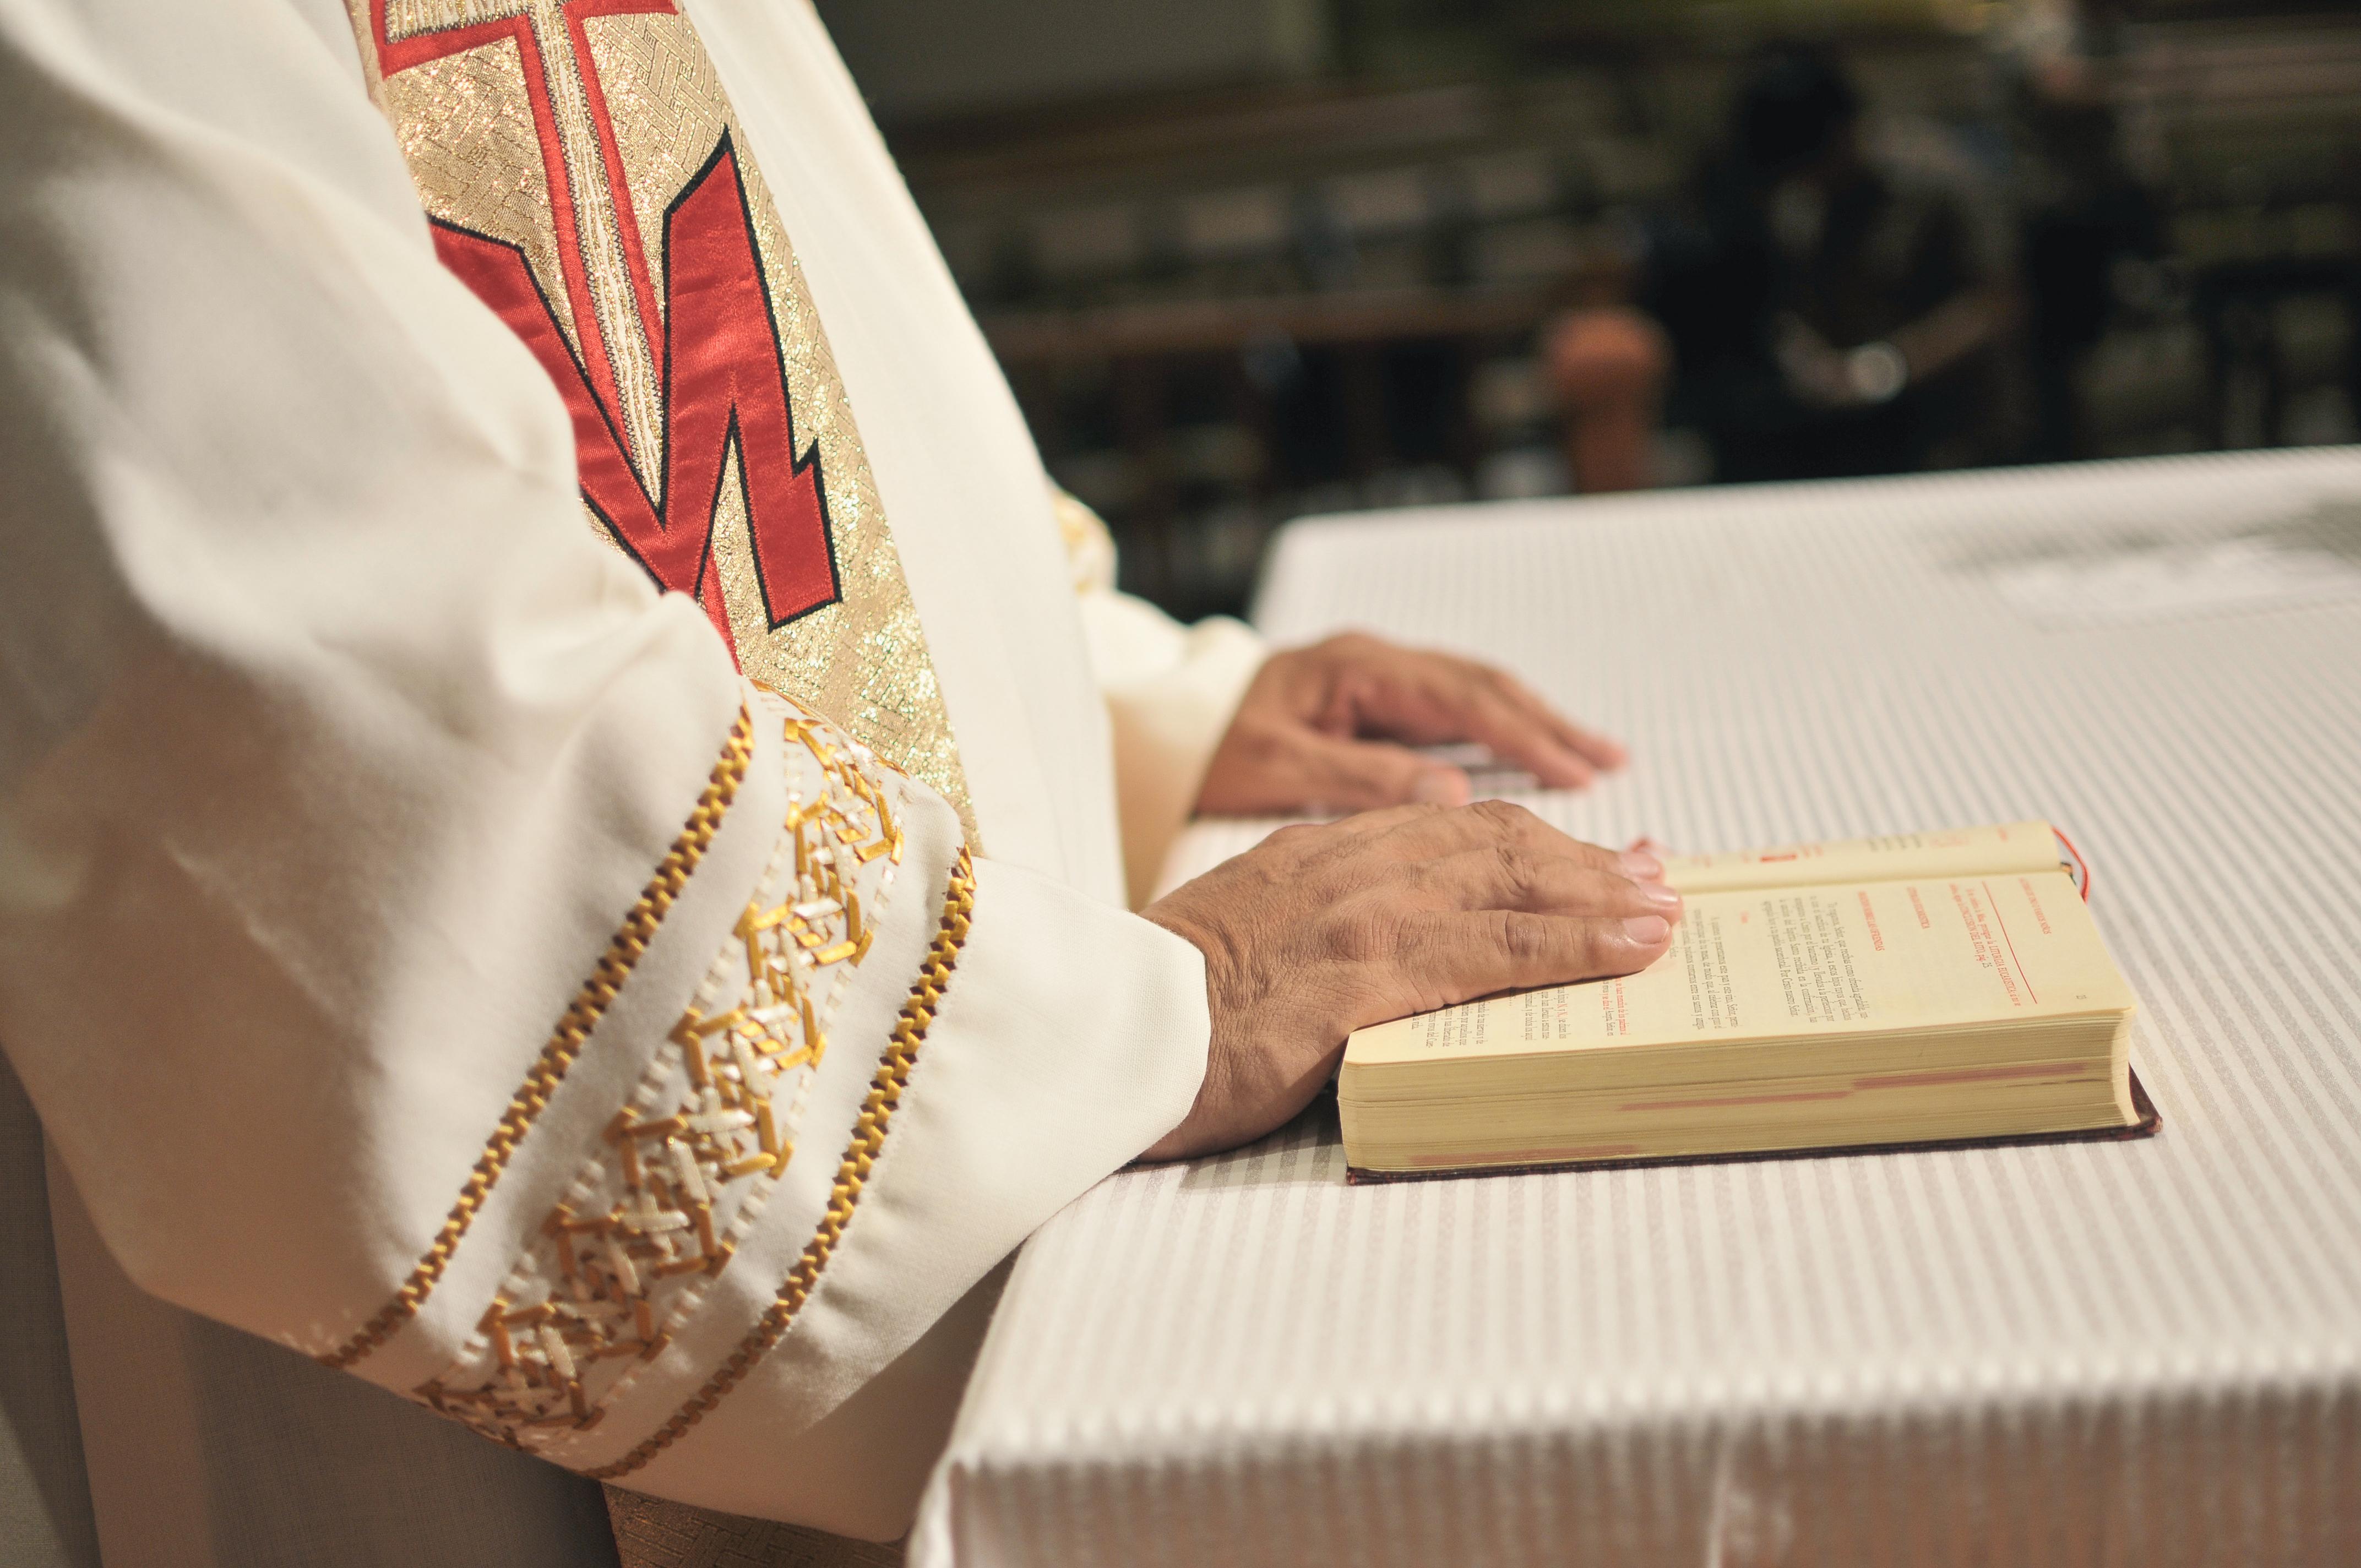 Episcopii catolici din Polonia, împotriva vaccinurilor AstraZeneca și Johnson&Johnson. Care este motivul